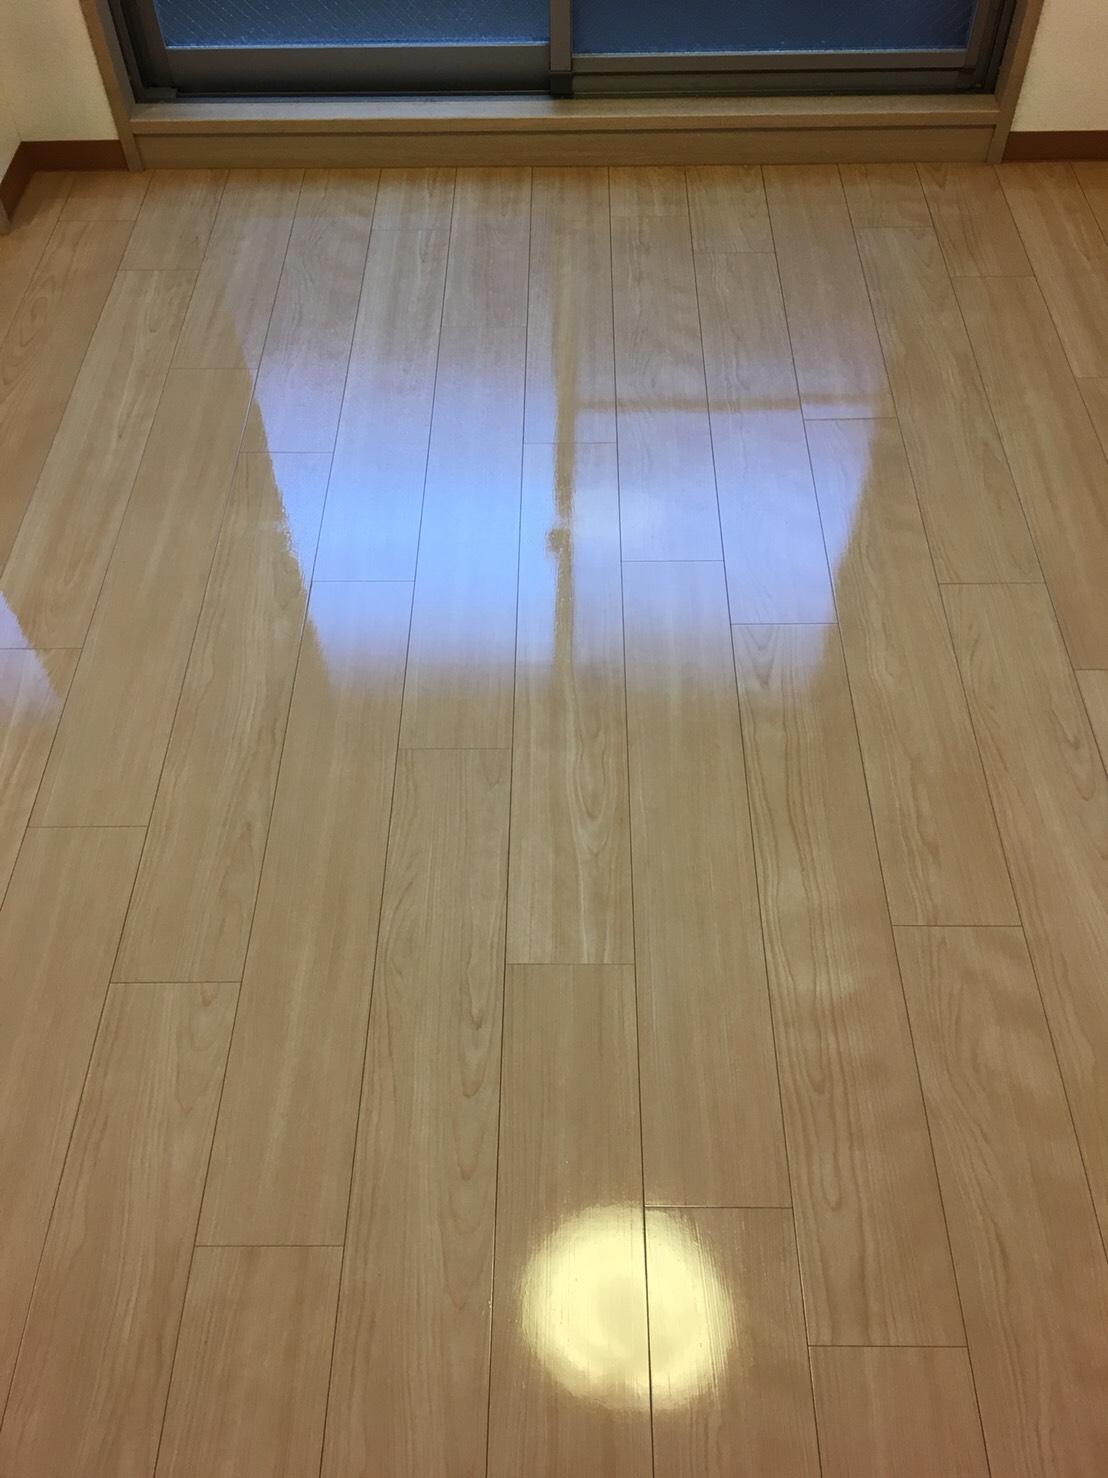 伊丹市 床清掃 ワックス /ハウスクリーニング おそうじプラス